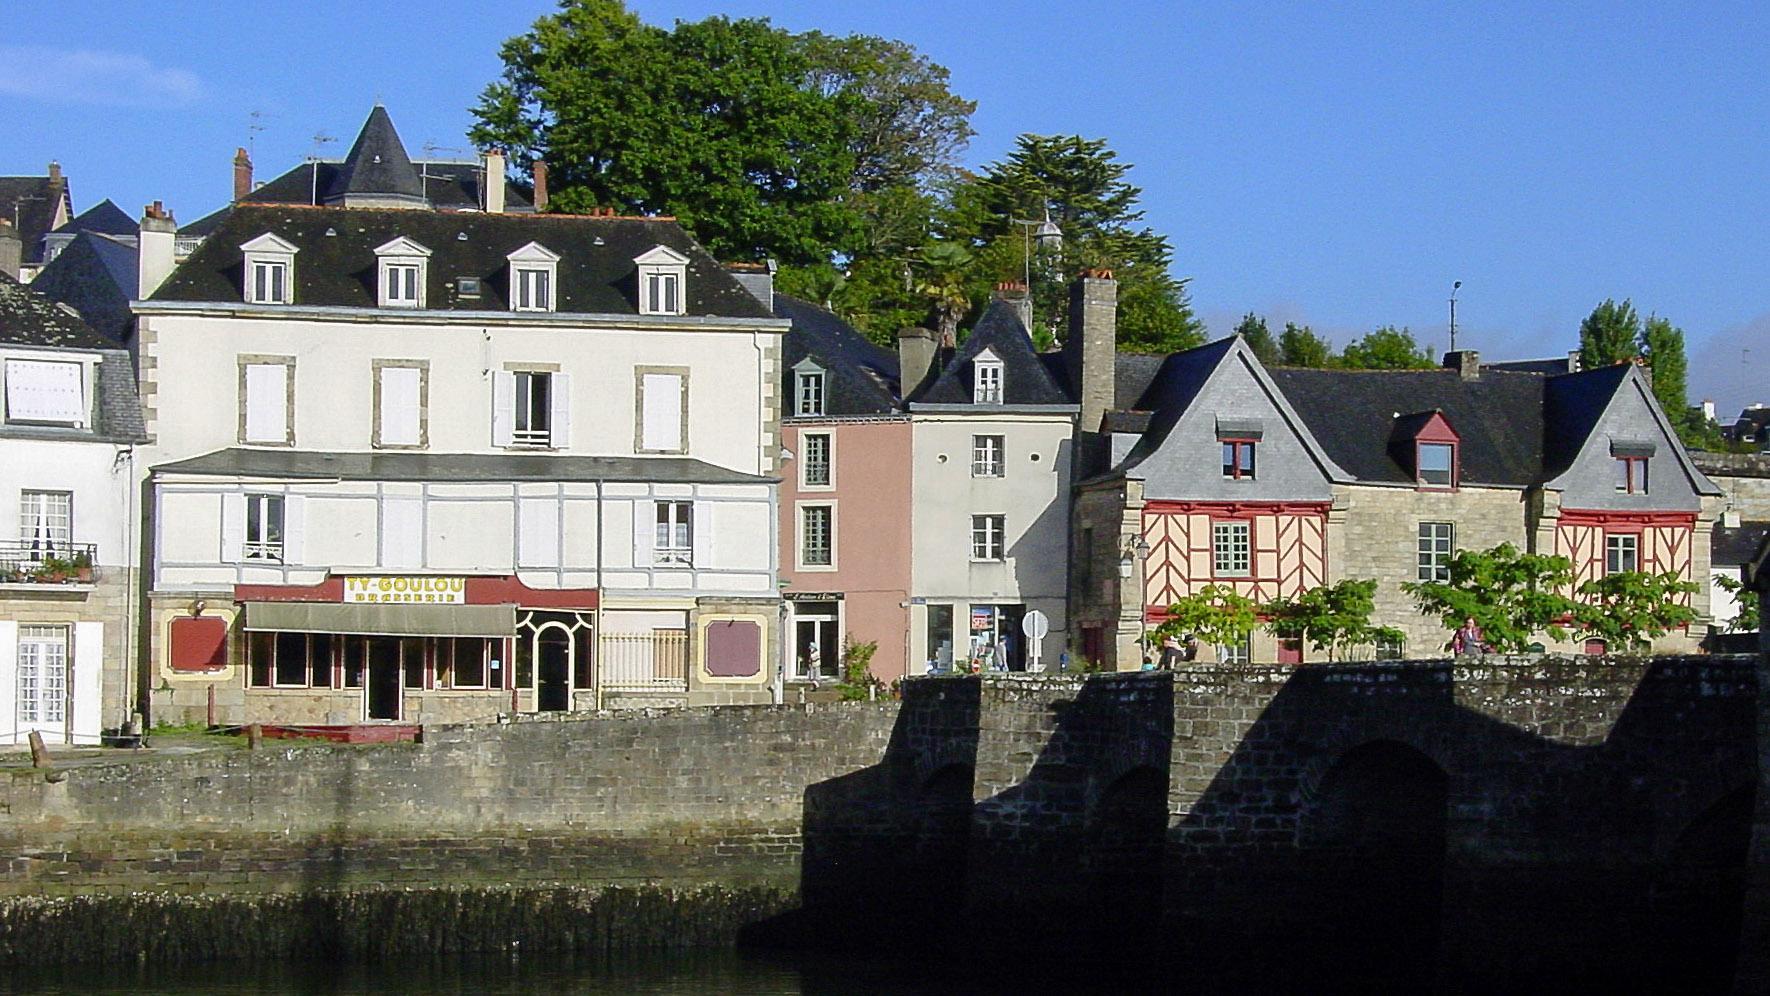 Auray: Blick auf das Stadtviertel und alte Schlossmauern am linken Ufer des Loc'h. Foto: Hilke Maunder